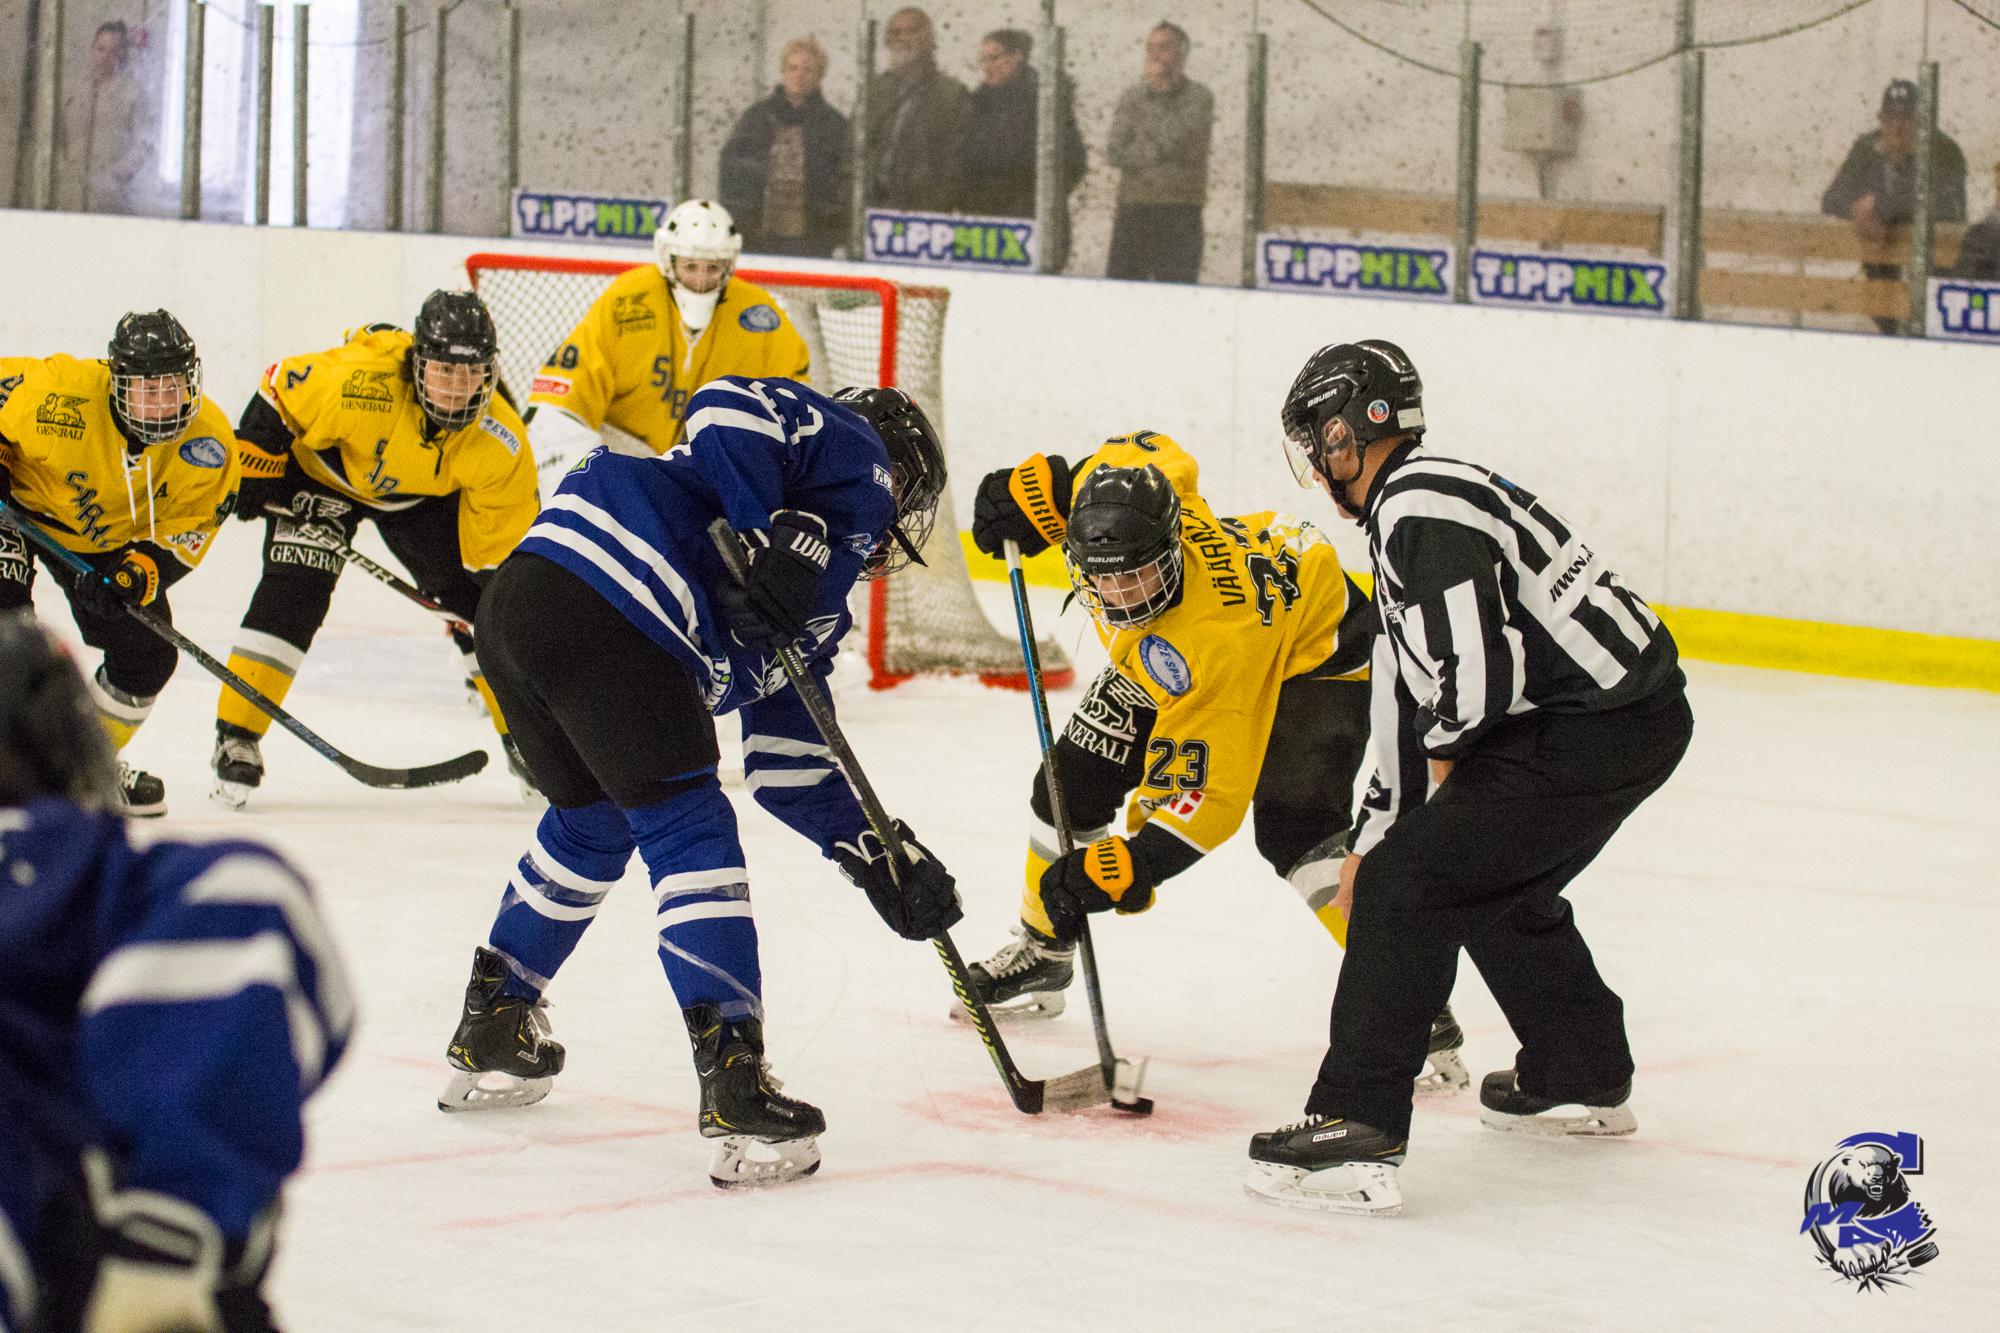 Egy DEBL és egy EWHL mérkőzés Bécsben a hétvégén